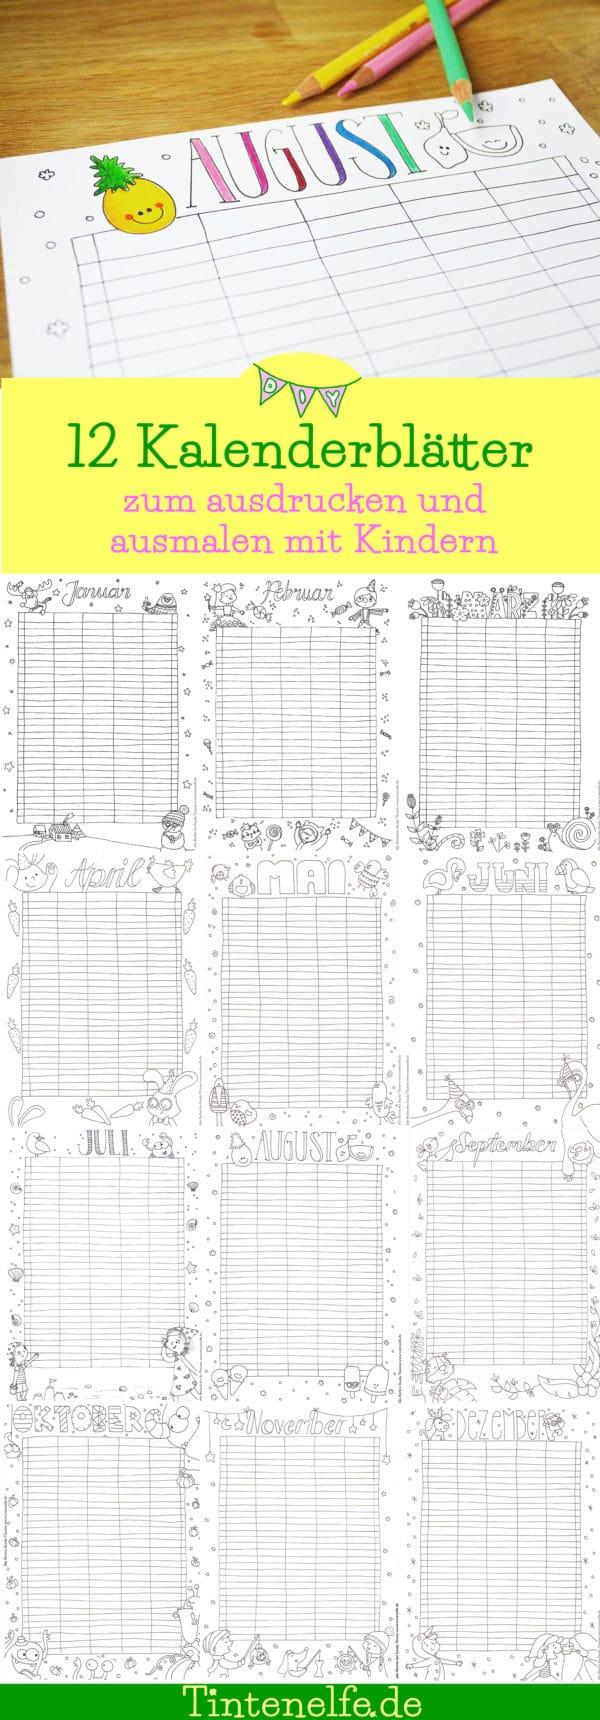 12 Kalenderblätter zum ausmalen